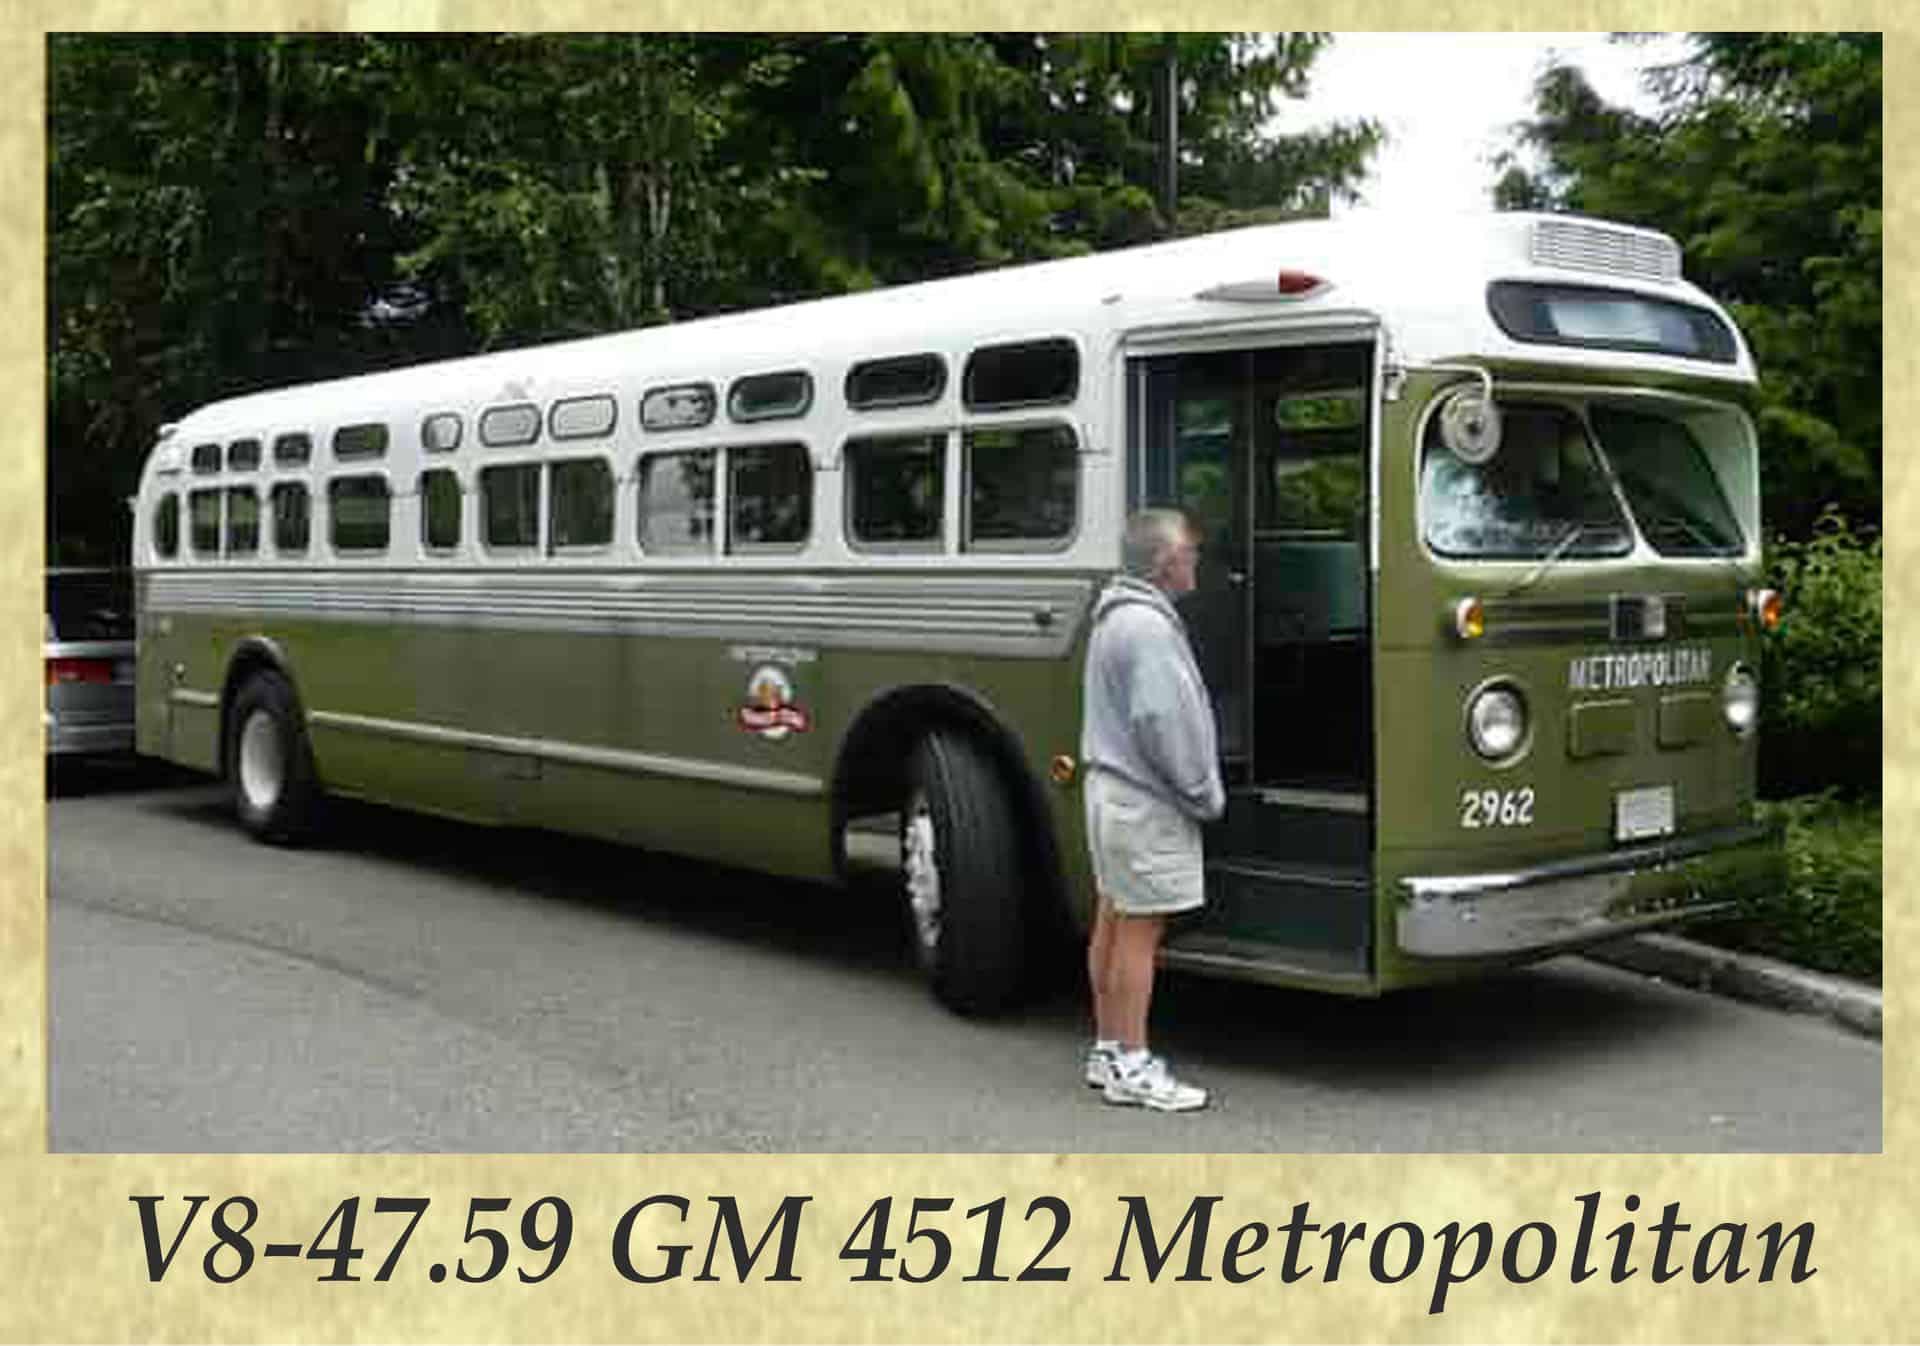 V8-47.59 GM 4512 Metropolitan